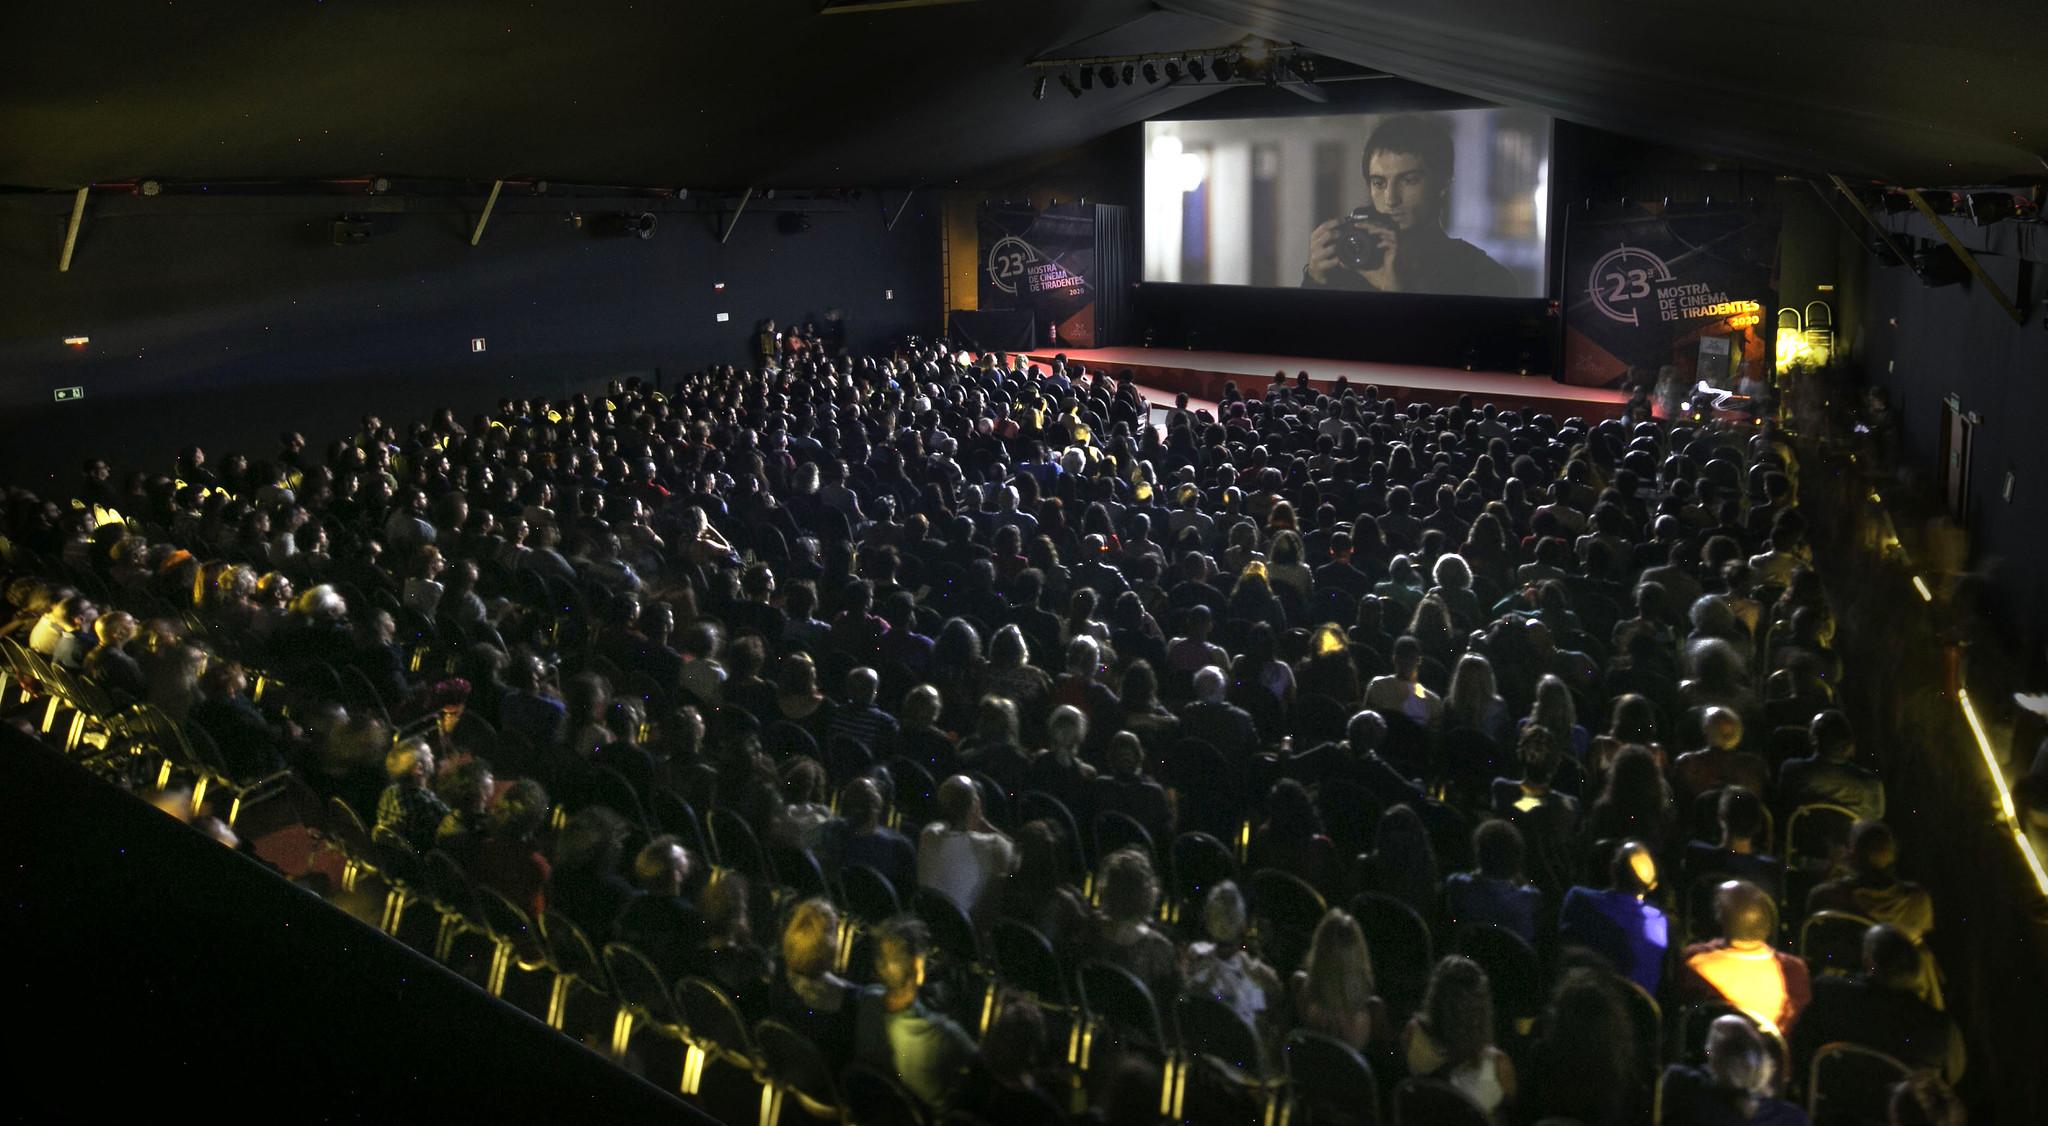 MOSTRA DE CINEMA DE TIRADENTES 2020 (01): LA IMAGINACIÓN EN TIEMPOS DE CRISIS